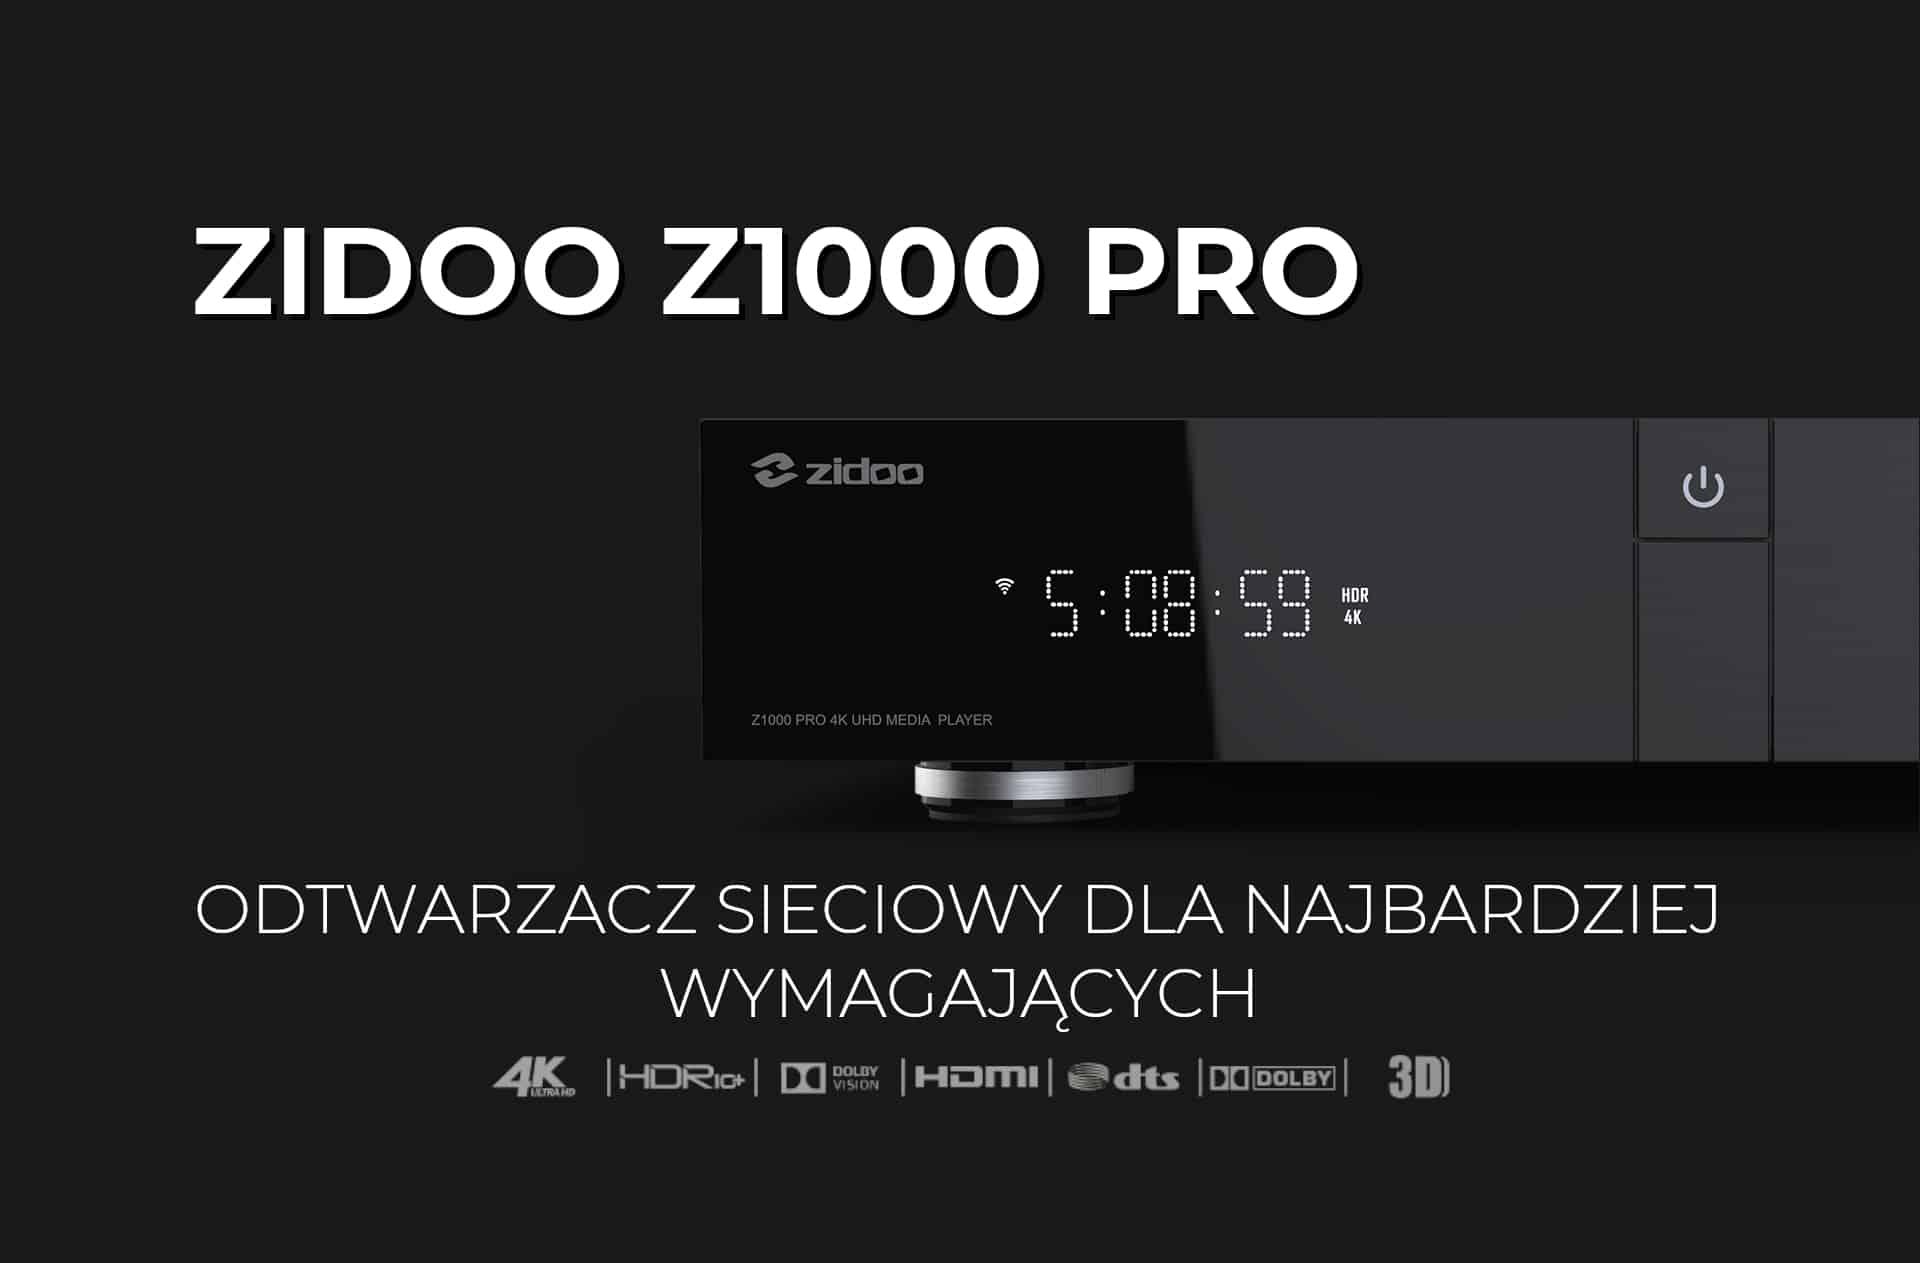 Zidoo Z1000 Pro – pierwszy odtwarzacz sieciowy HDD plików 4K UHD z Dolby Vision i HDR10+